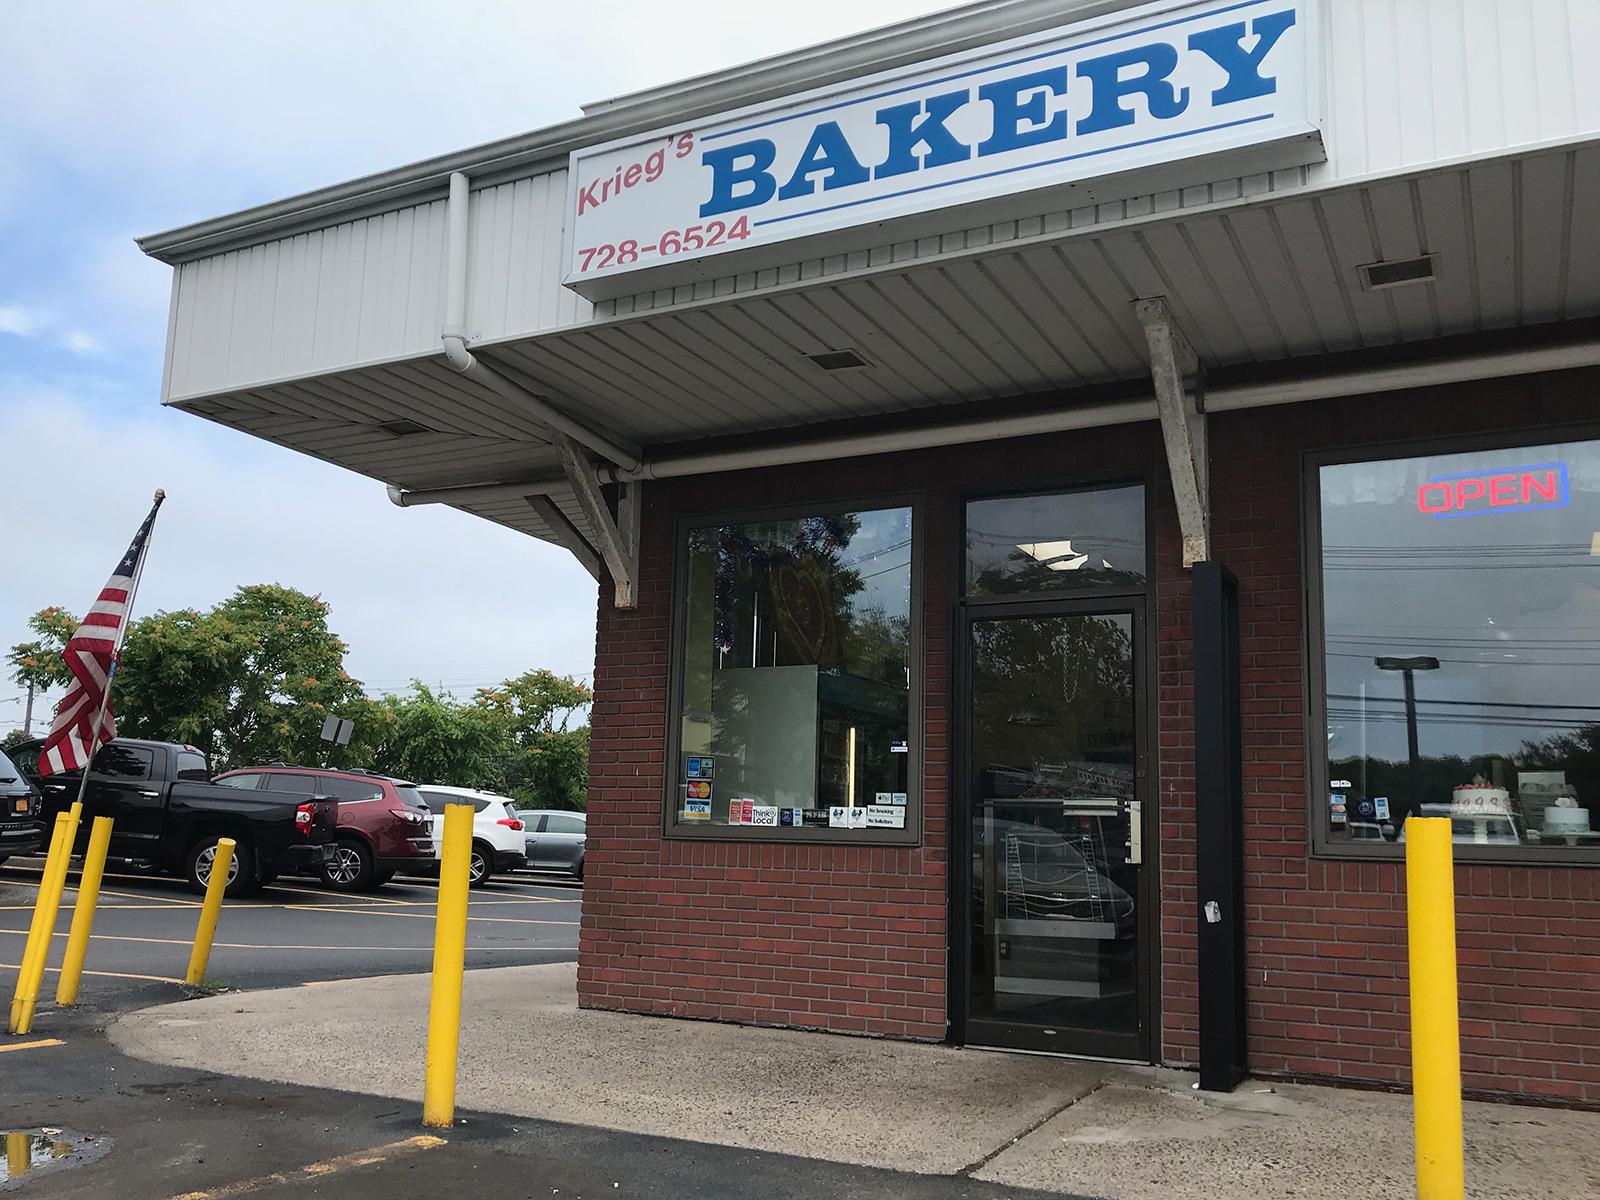 kriegs-bakery.jpg